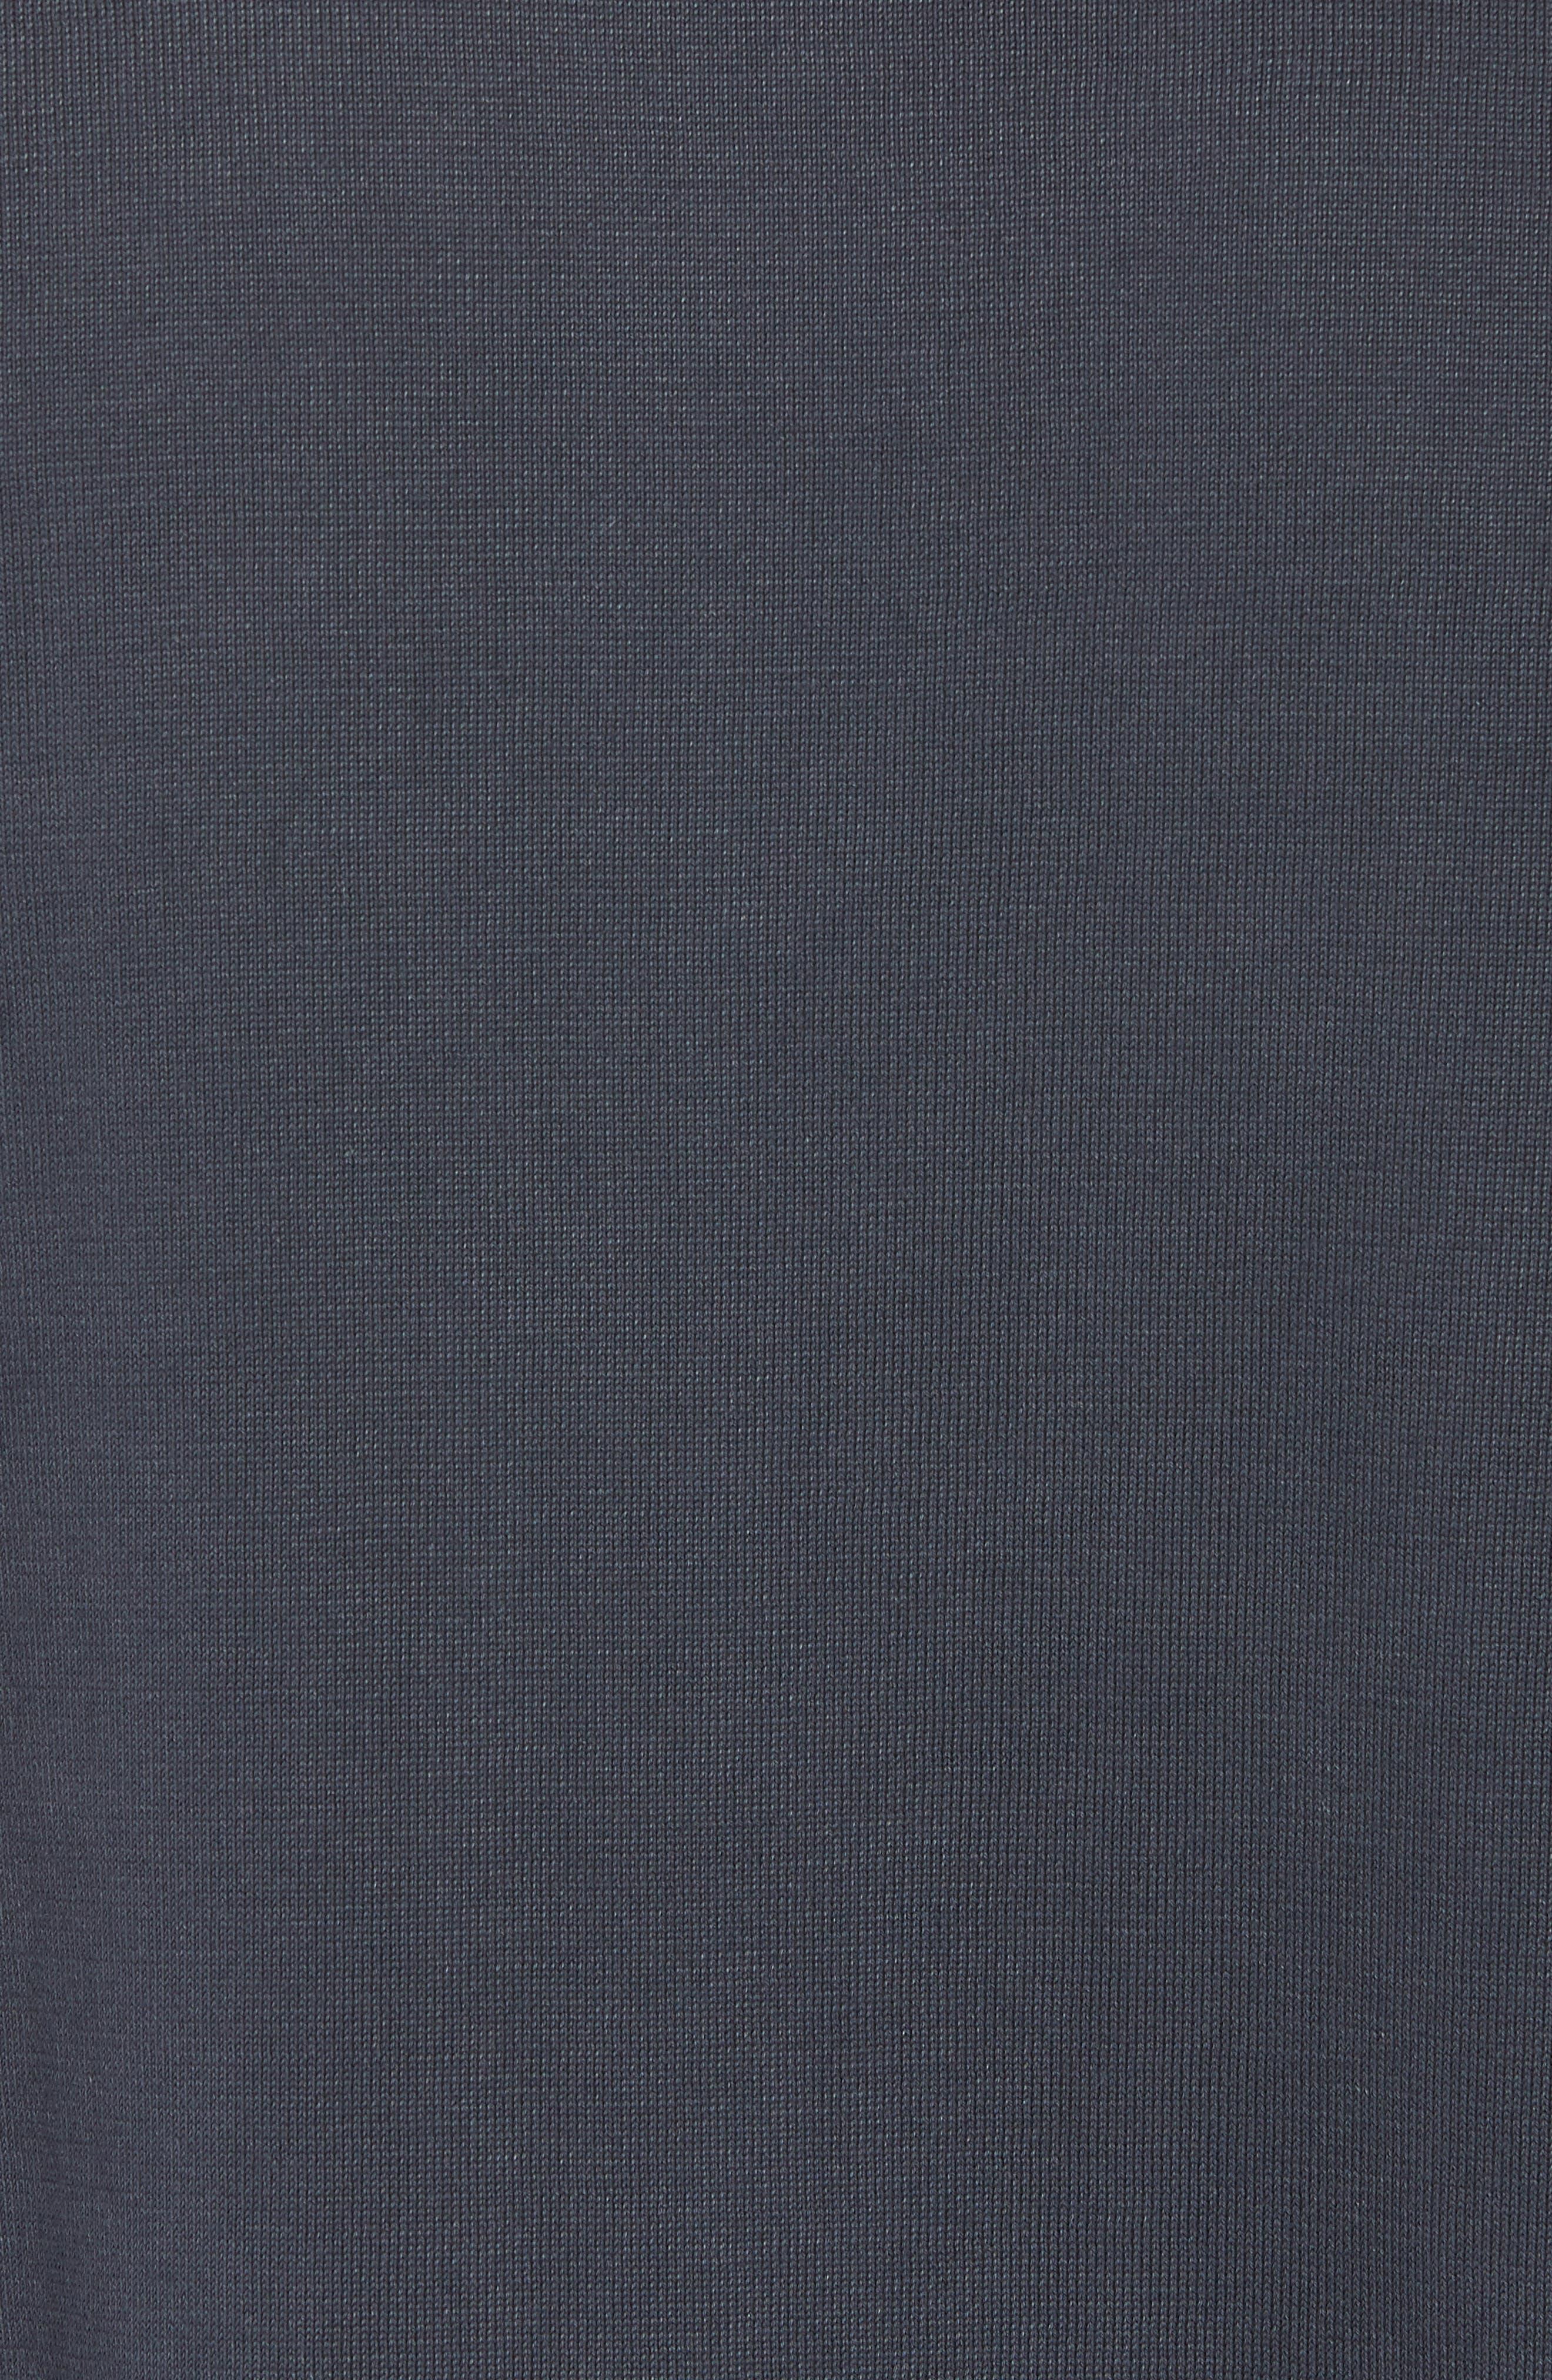 Crewneck Cotton Sweater,                             Alternate thumbnail 5, color,                             061